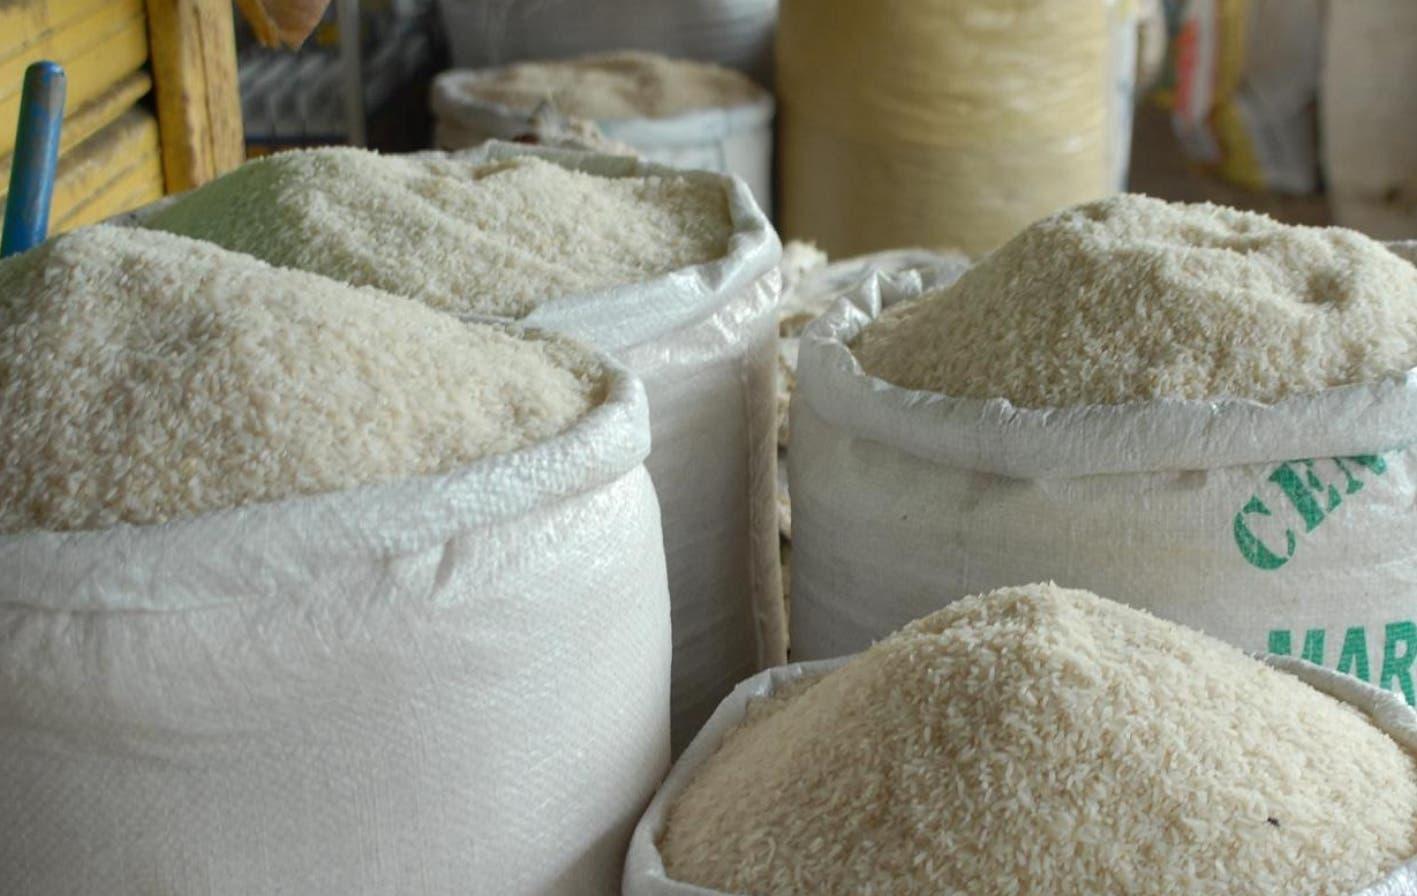 El arroz podría subir a 40 pesos la libra, advierten comerciantes